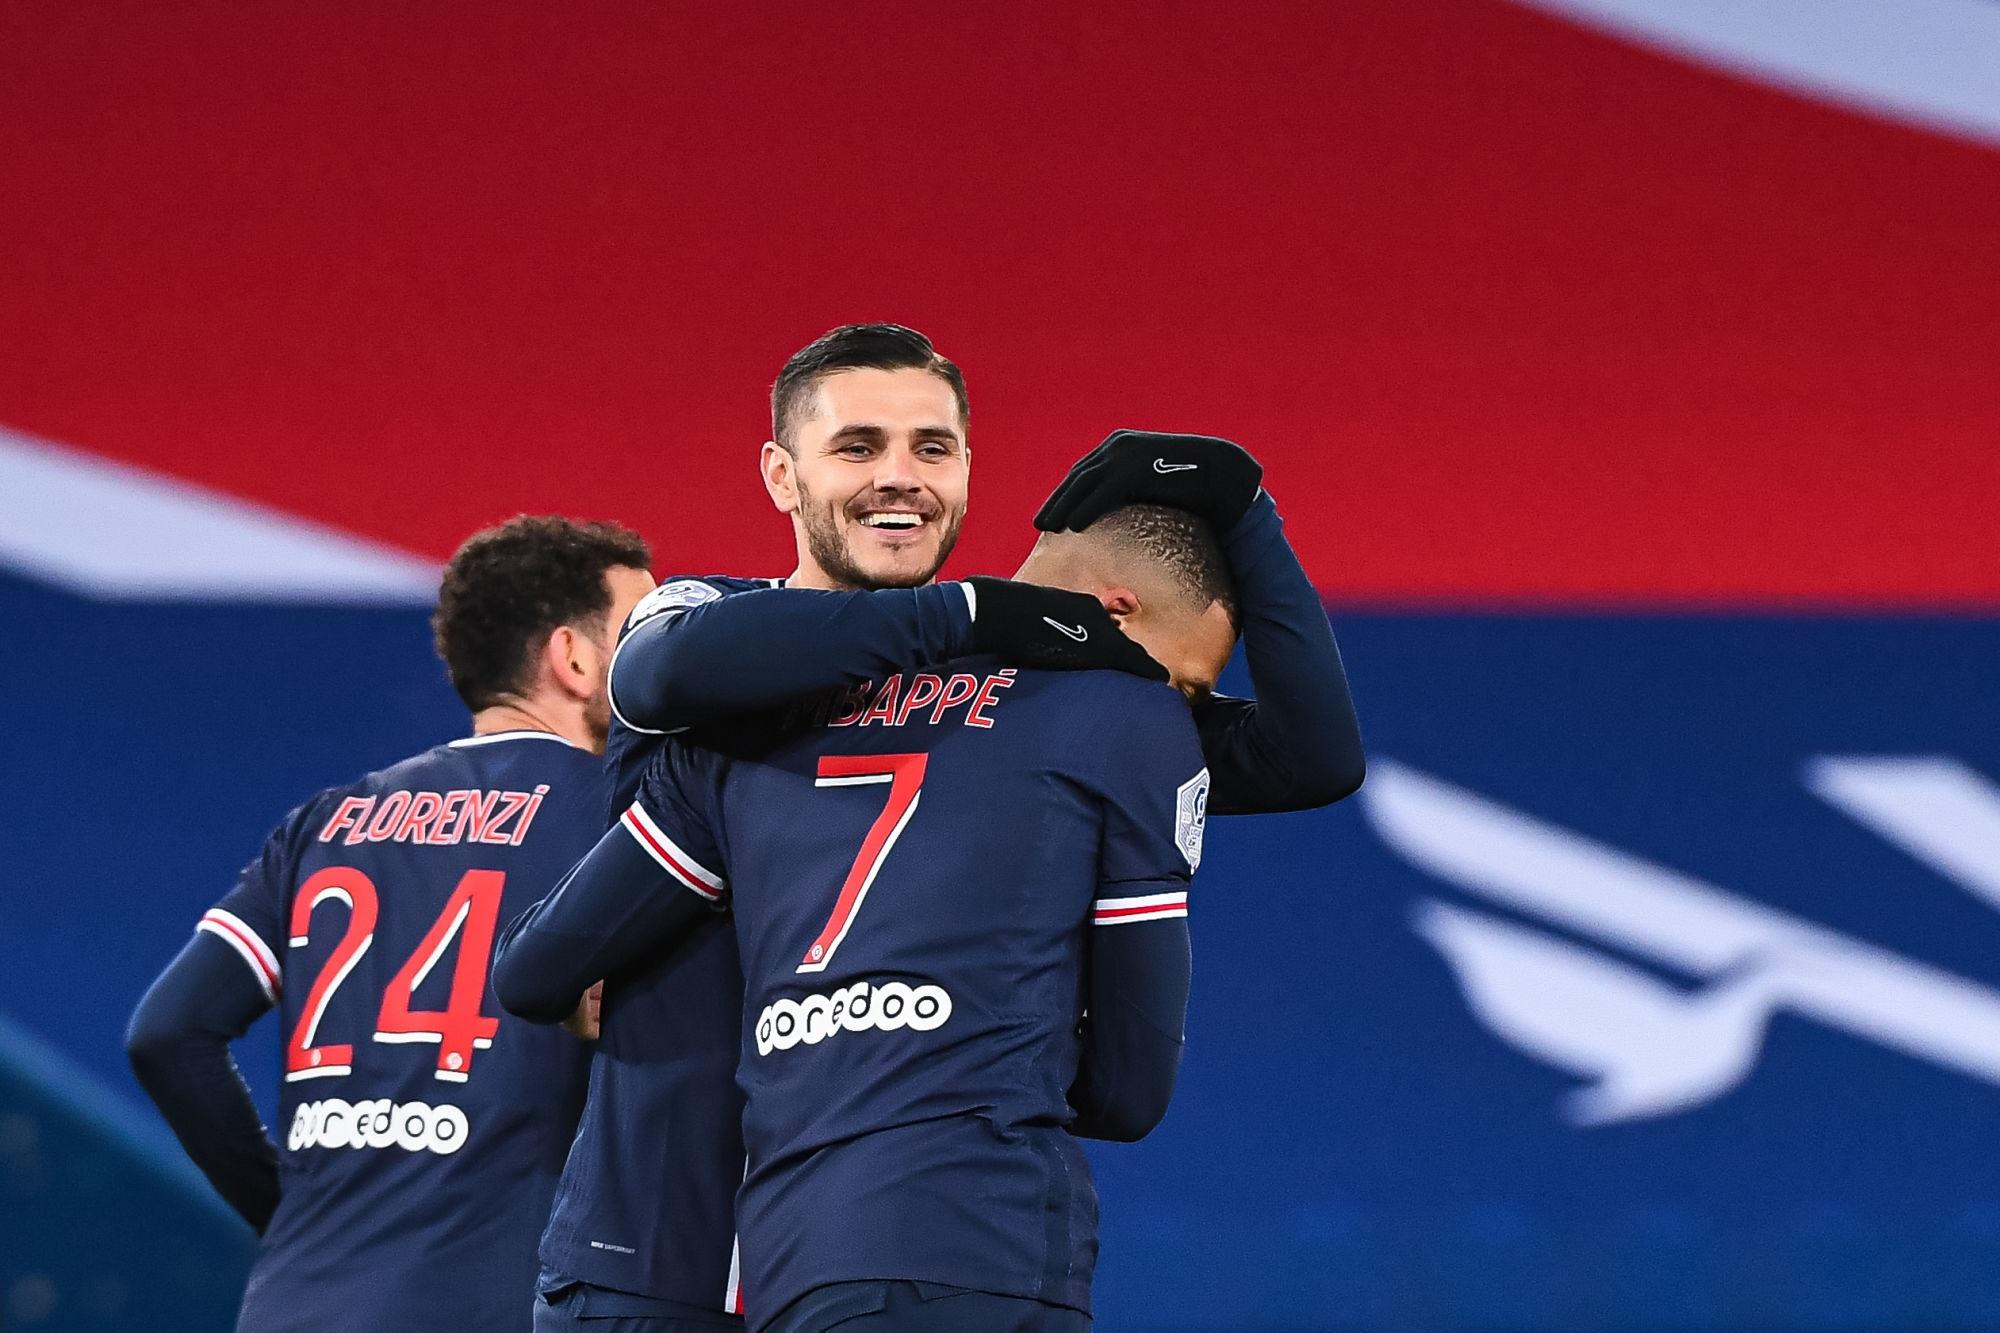 PSG/Montpellier - Que retenez-vous de la victoire parisienne ?